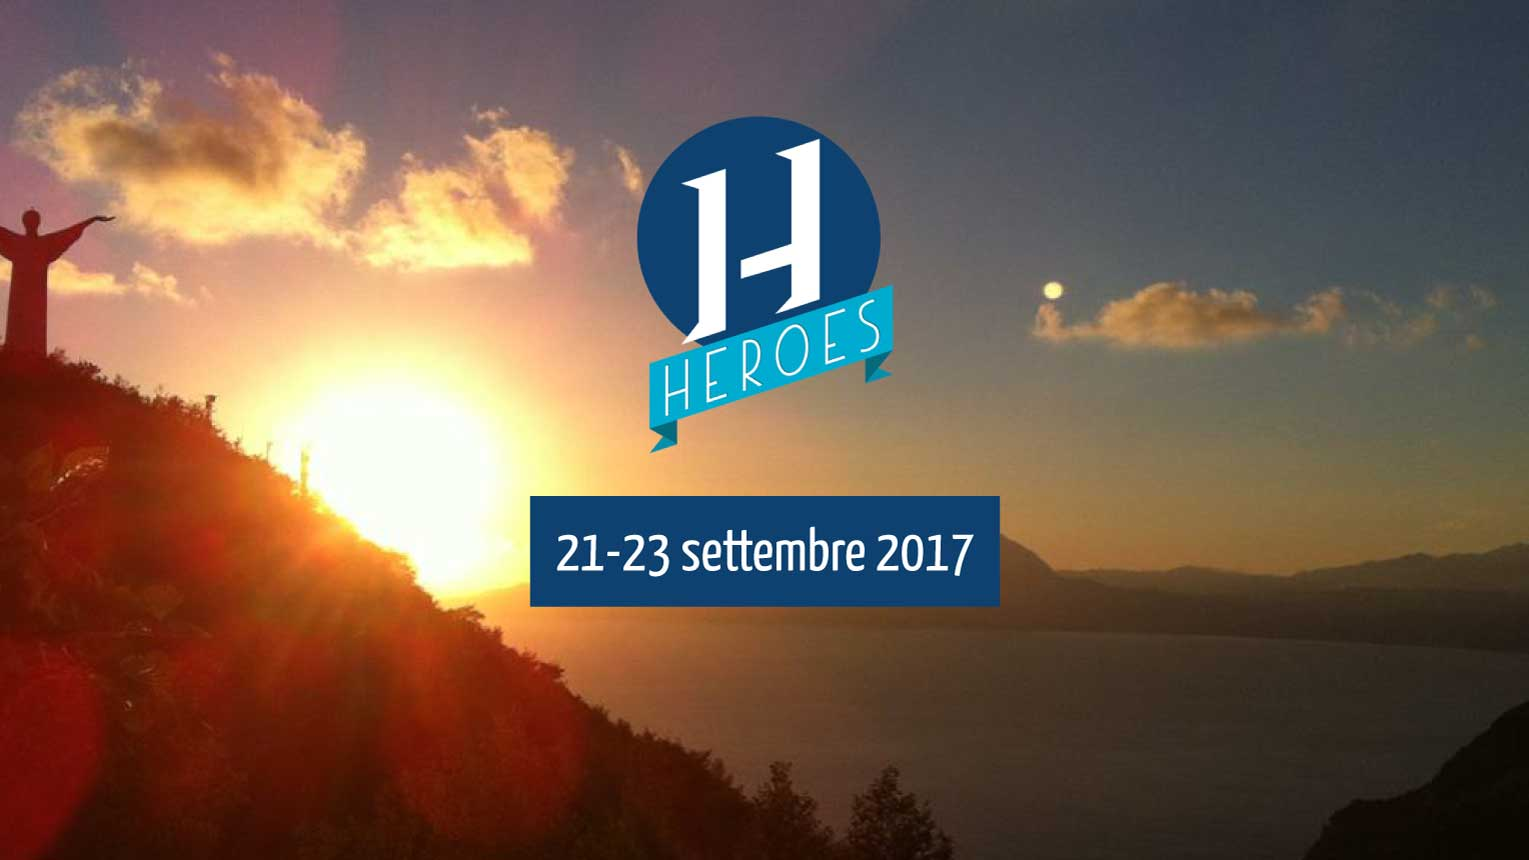 Heroes Coinnovation Festival si svolgerà dal 21 al 23 settembre 2017